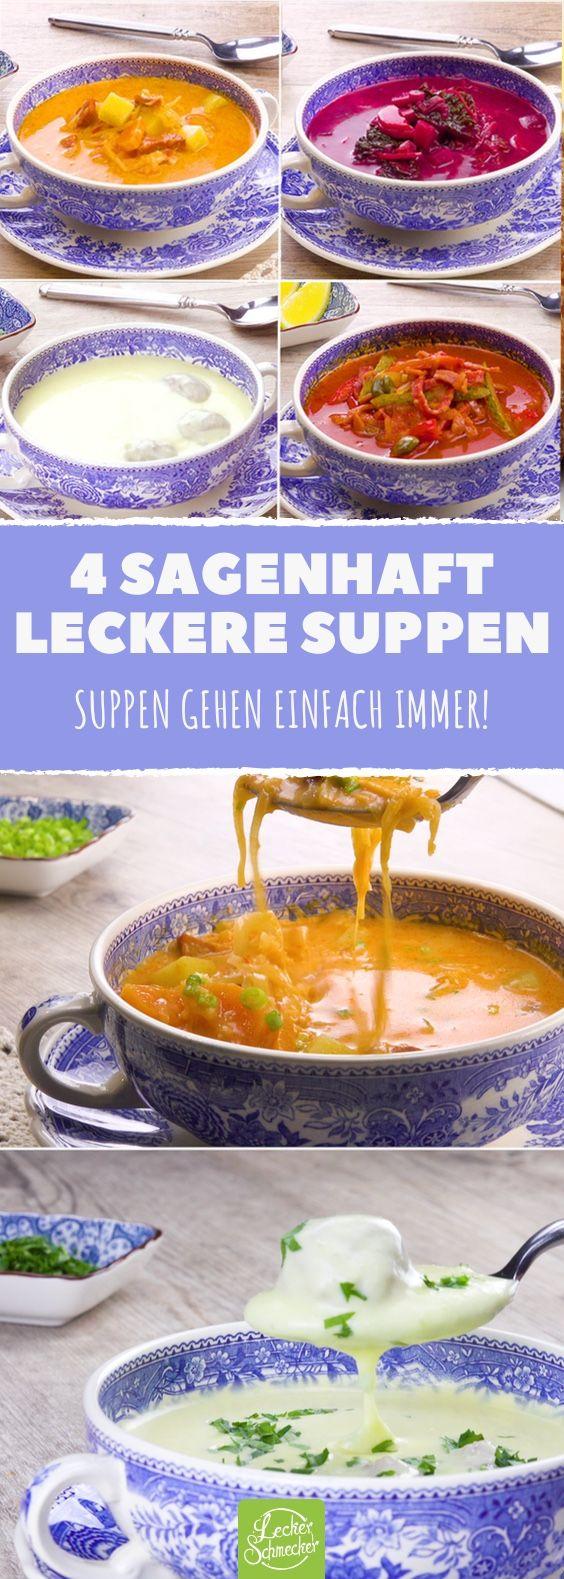 Das sind unsere 4 allerbesten Suppen zum Nachkochen! #rezept #rezepte #suppe #eintopf #soljanka #borschtsch #vorspeise #onepot